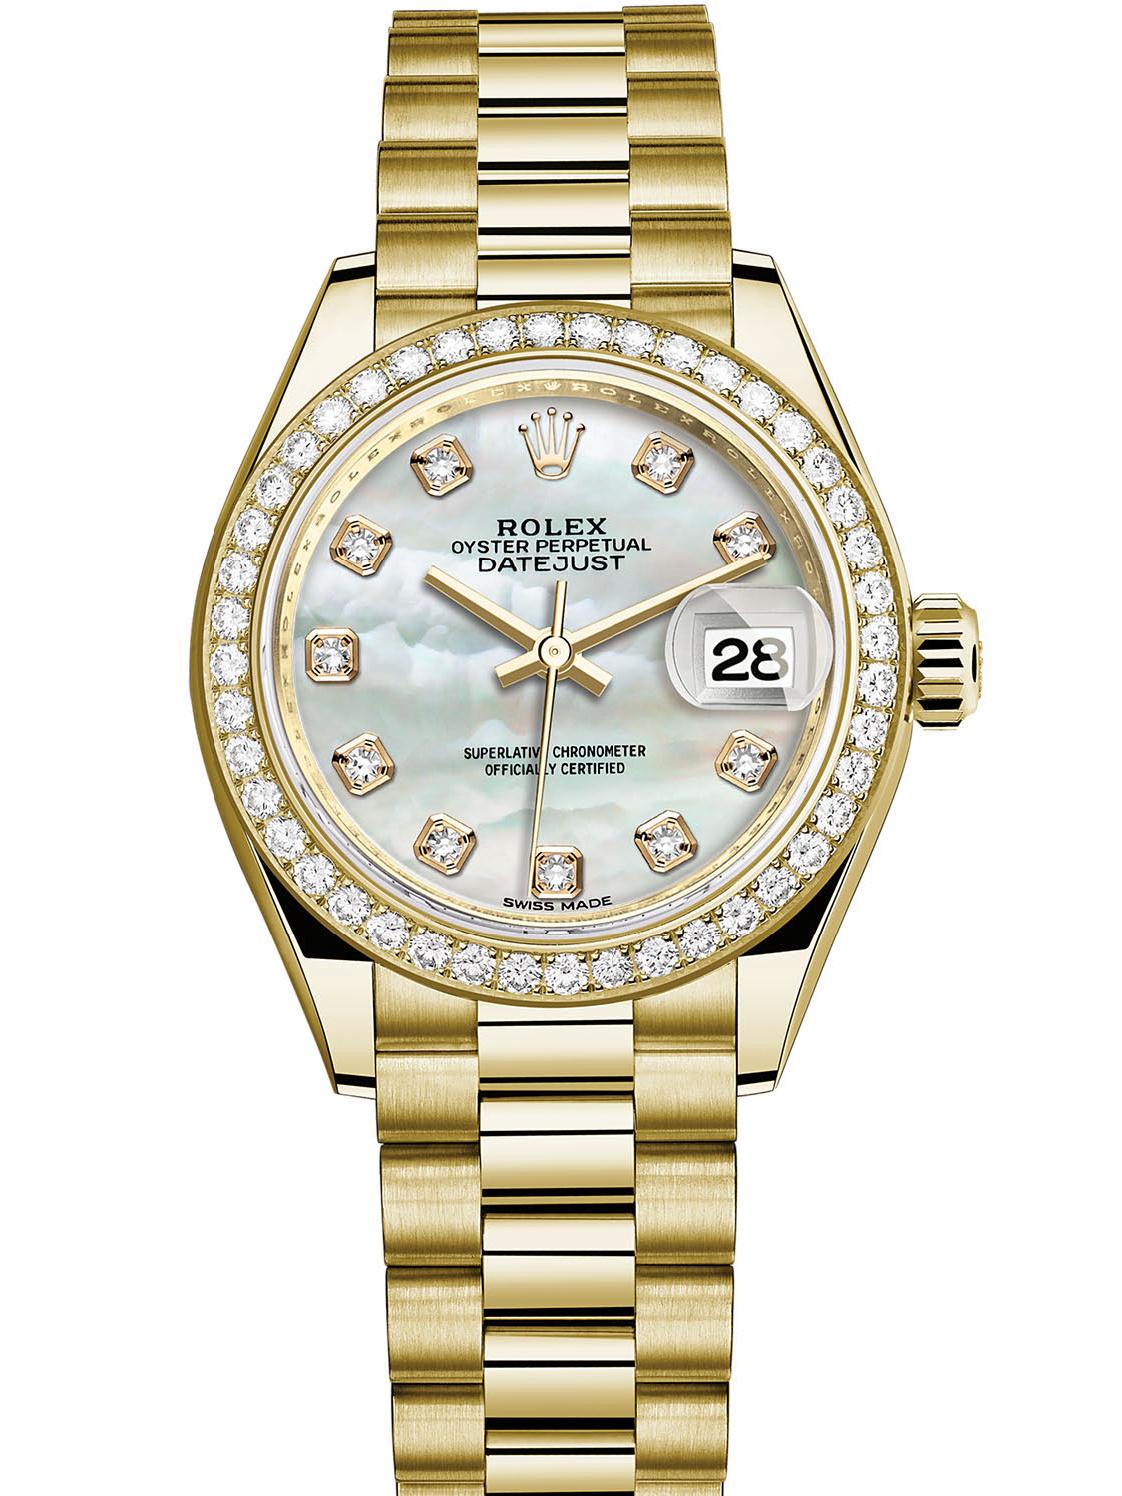 劳力士女装日志型28黄金钻圈白贝母面钻标女表279138RBR-0015